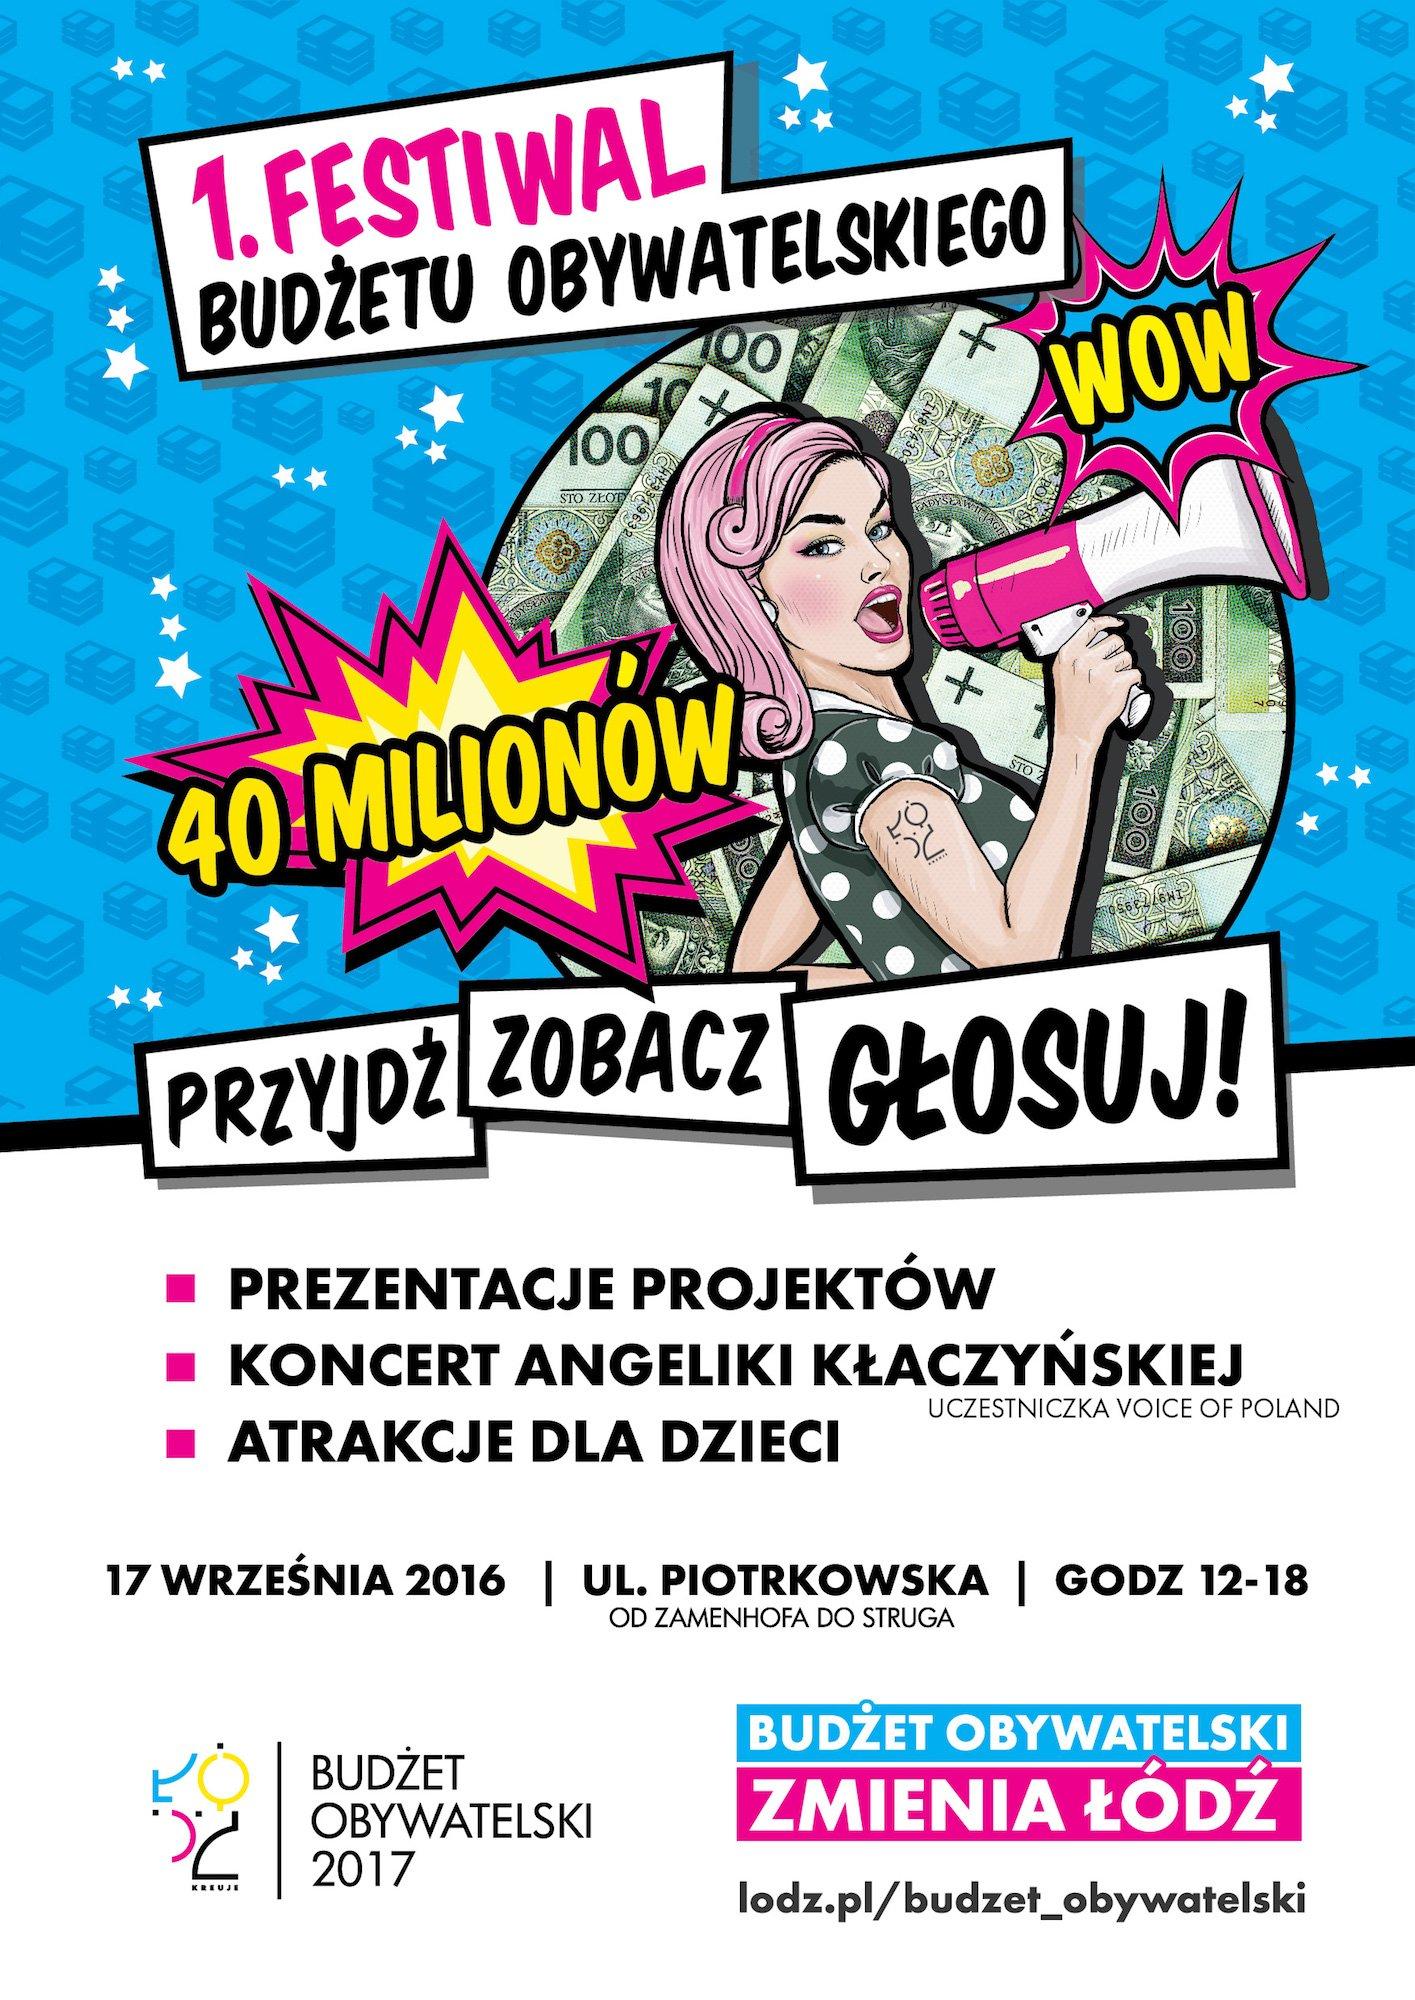 festiwal budżetu obywatelskiego w Łodzi 2016